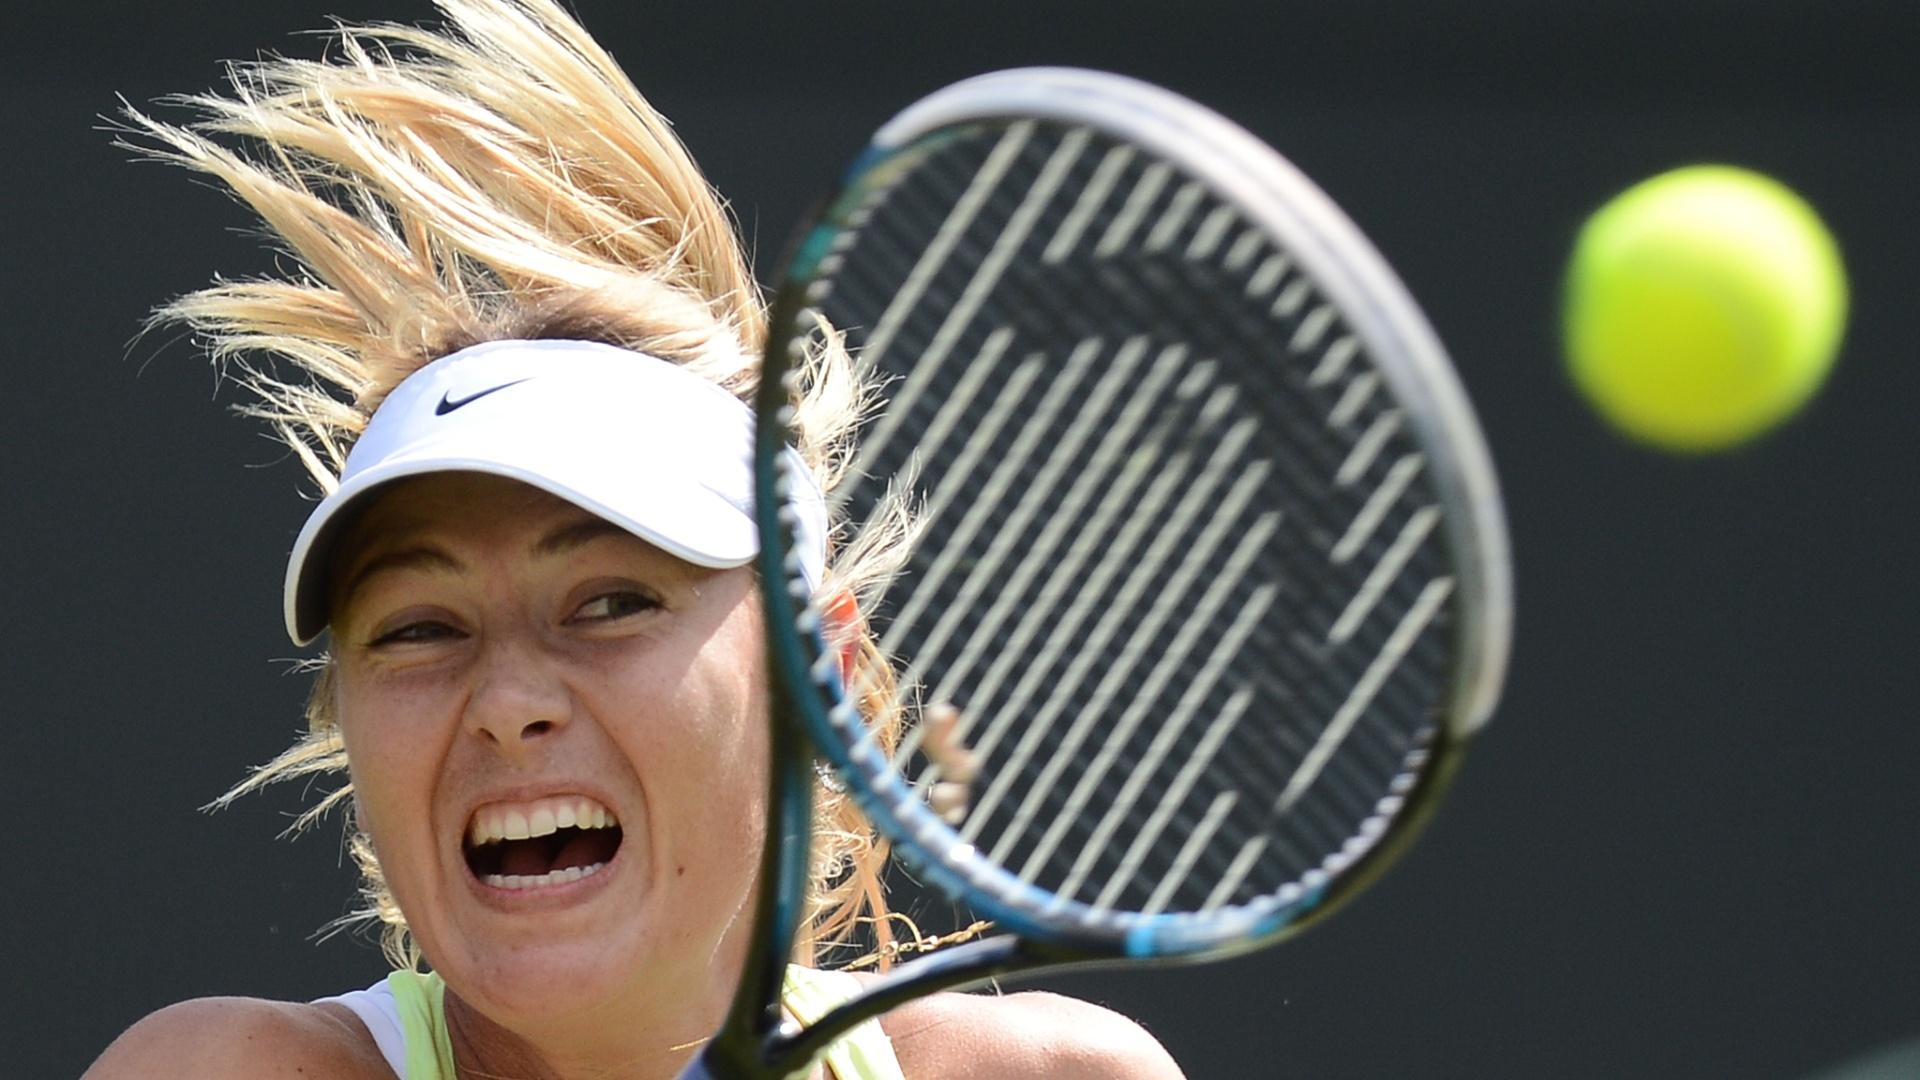 Maria Sharapova voltou à quadra nesta sexta-feira para atuar pela terceira rodada do Torneio de Wimbledon